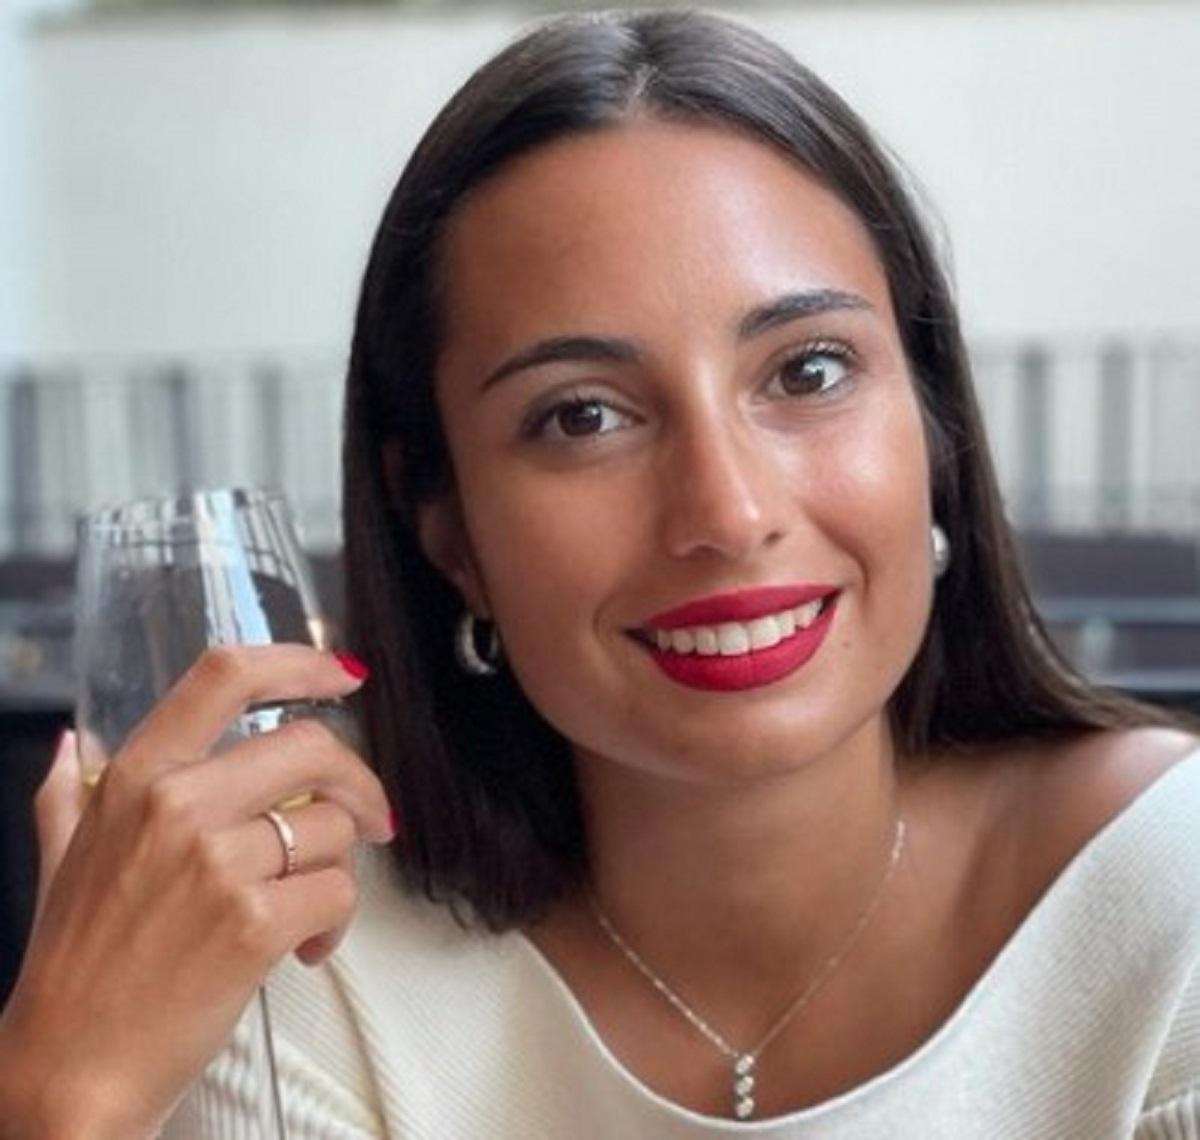 Manuel Locatelli fidanzata Thessa proposta matrimonio